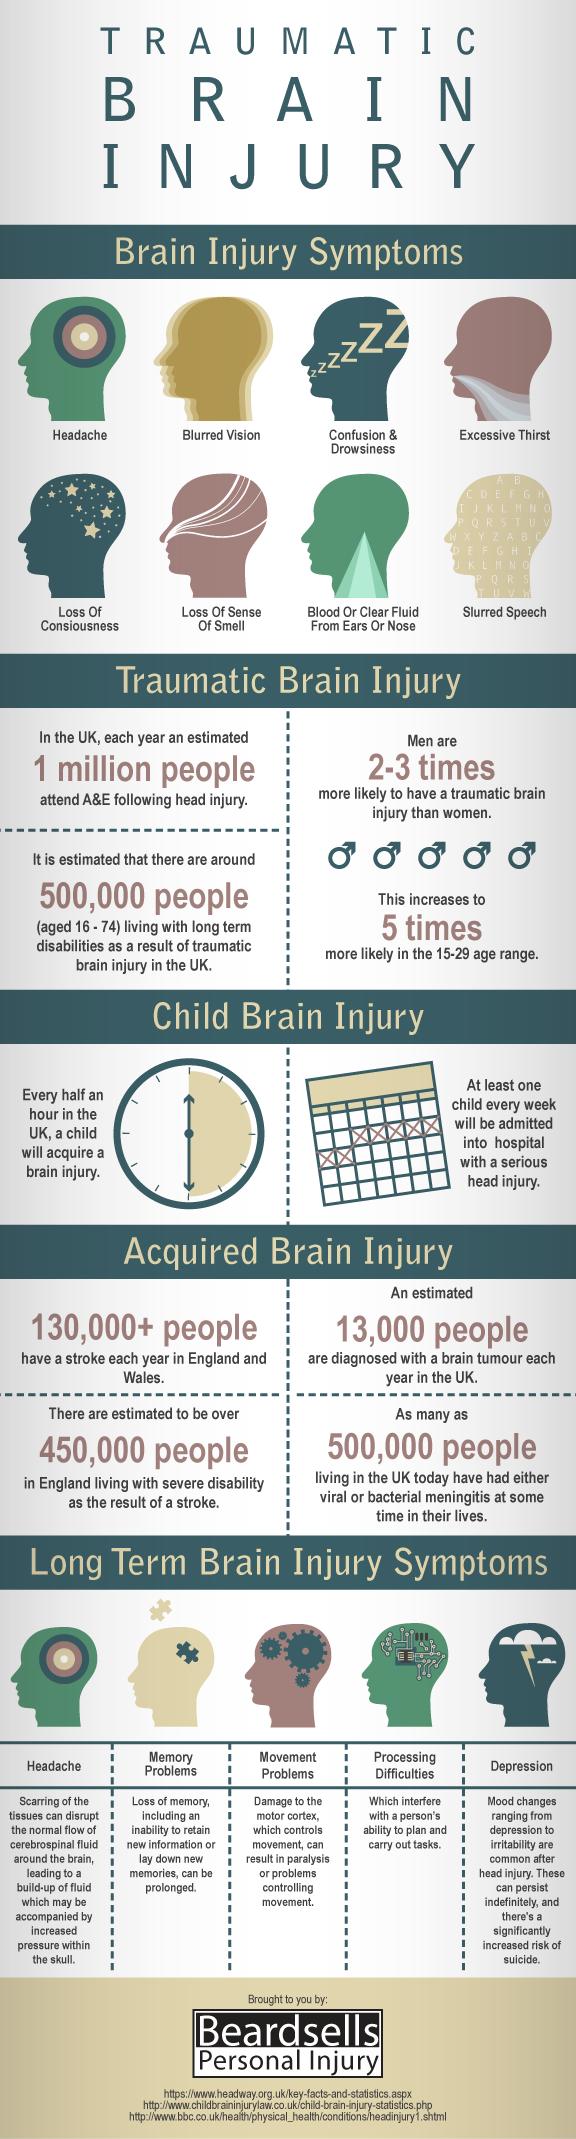 Traumatic Brain Injury (BeardsellsPersonalInjury.co.uk)